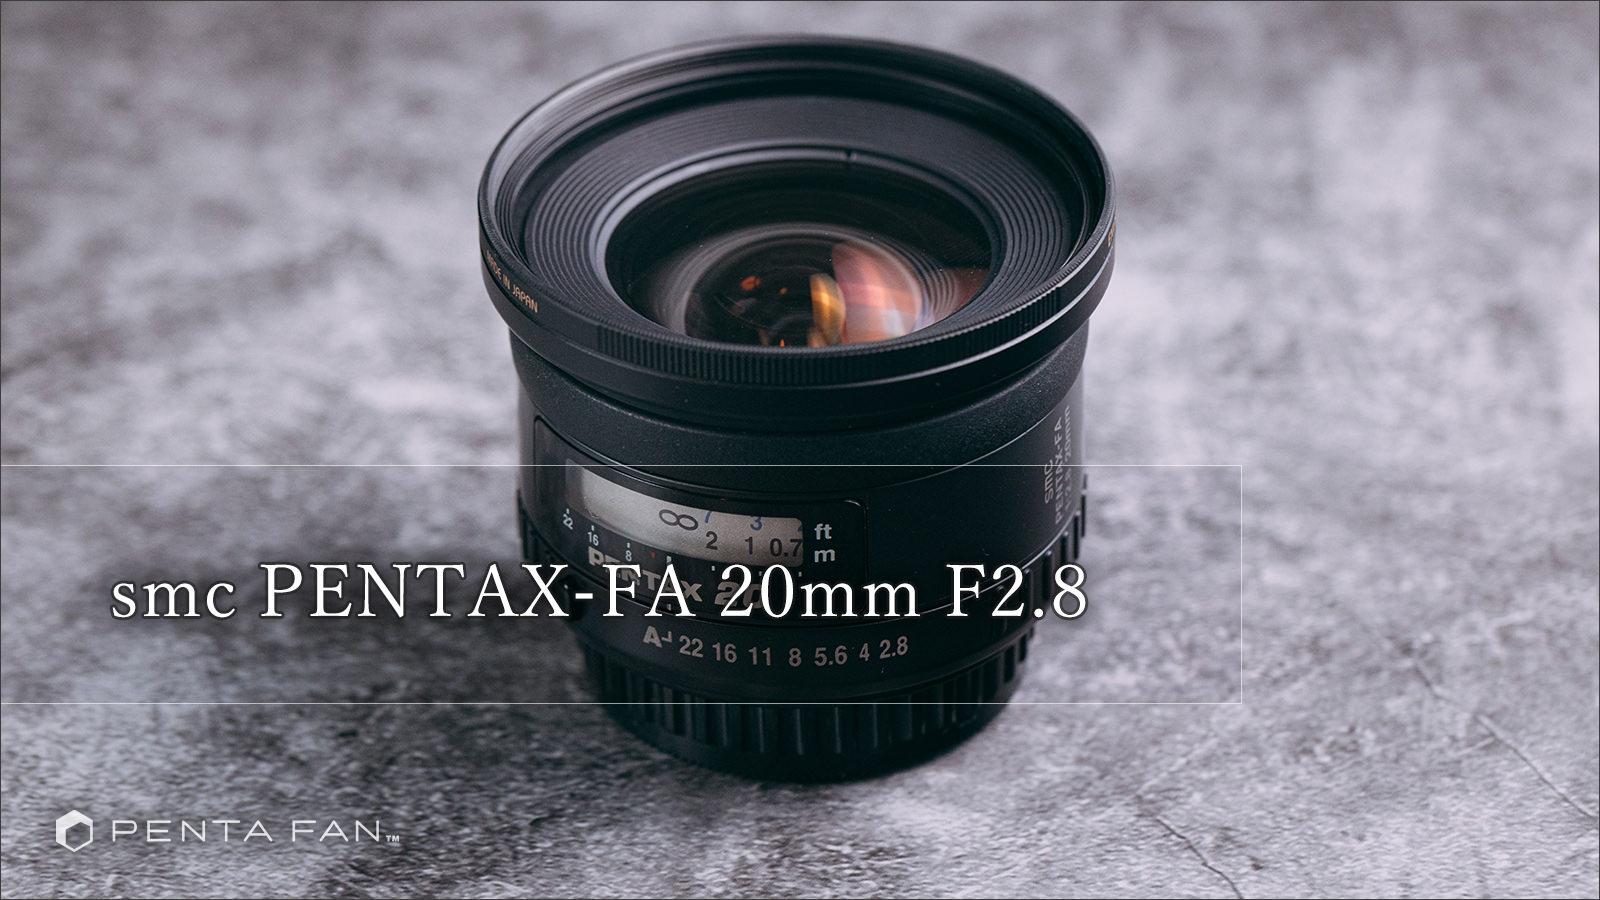 smc Pentax-FA 20mm F2.8